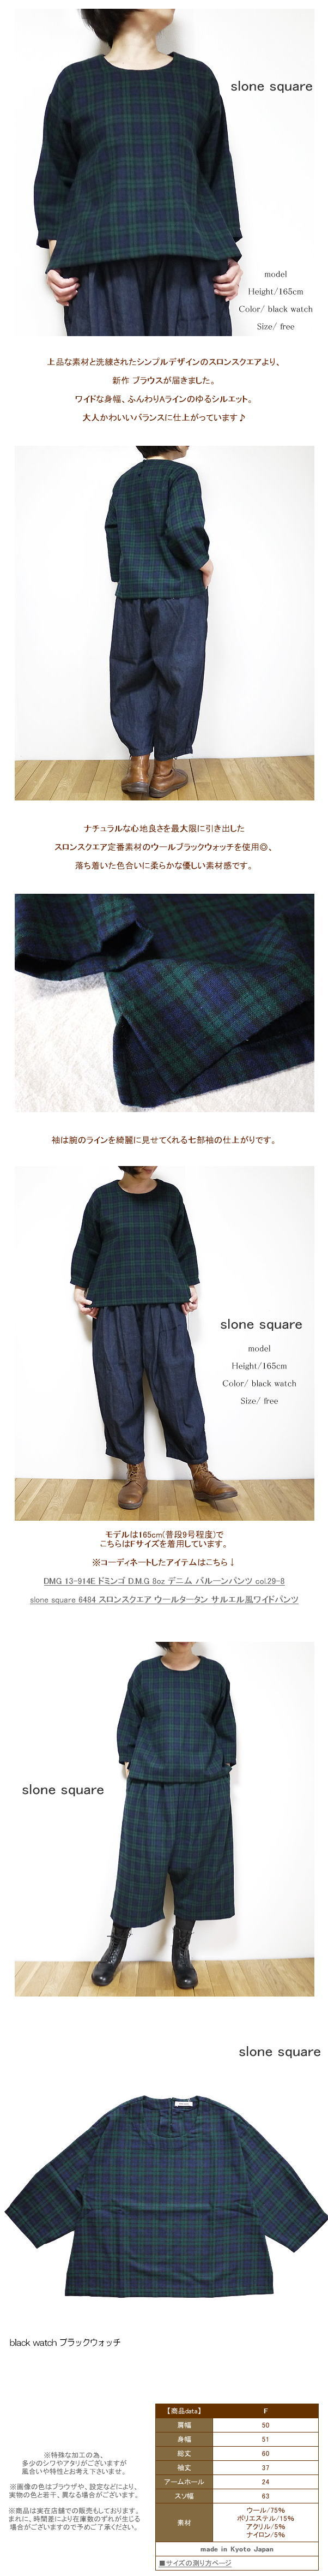 slone square スロンスクエア 6883 ウールブラックウォッチのラウンドブラウス